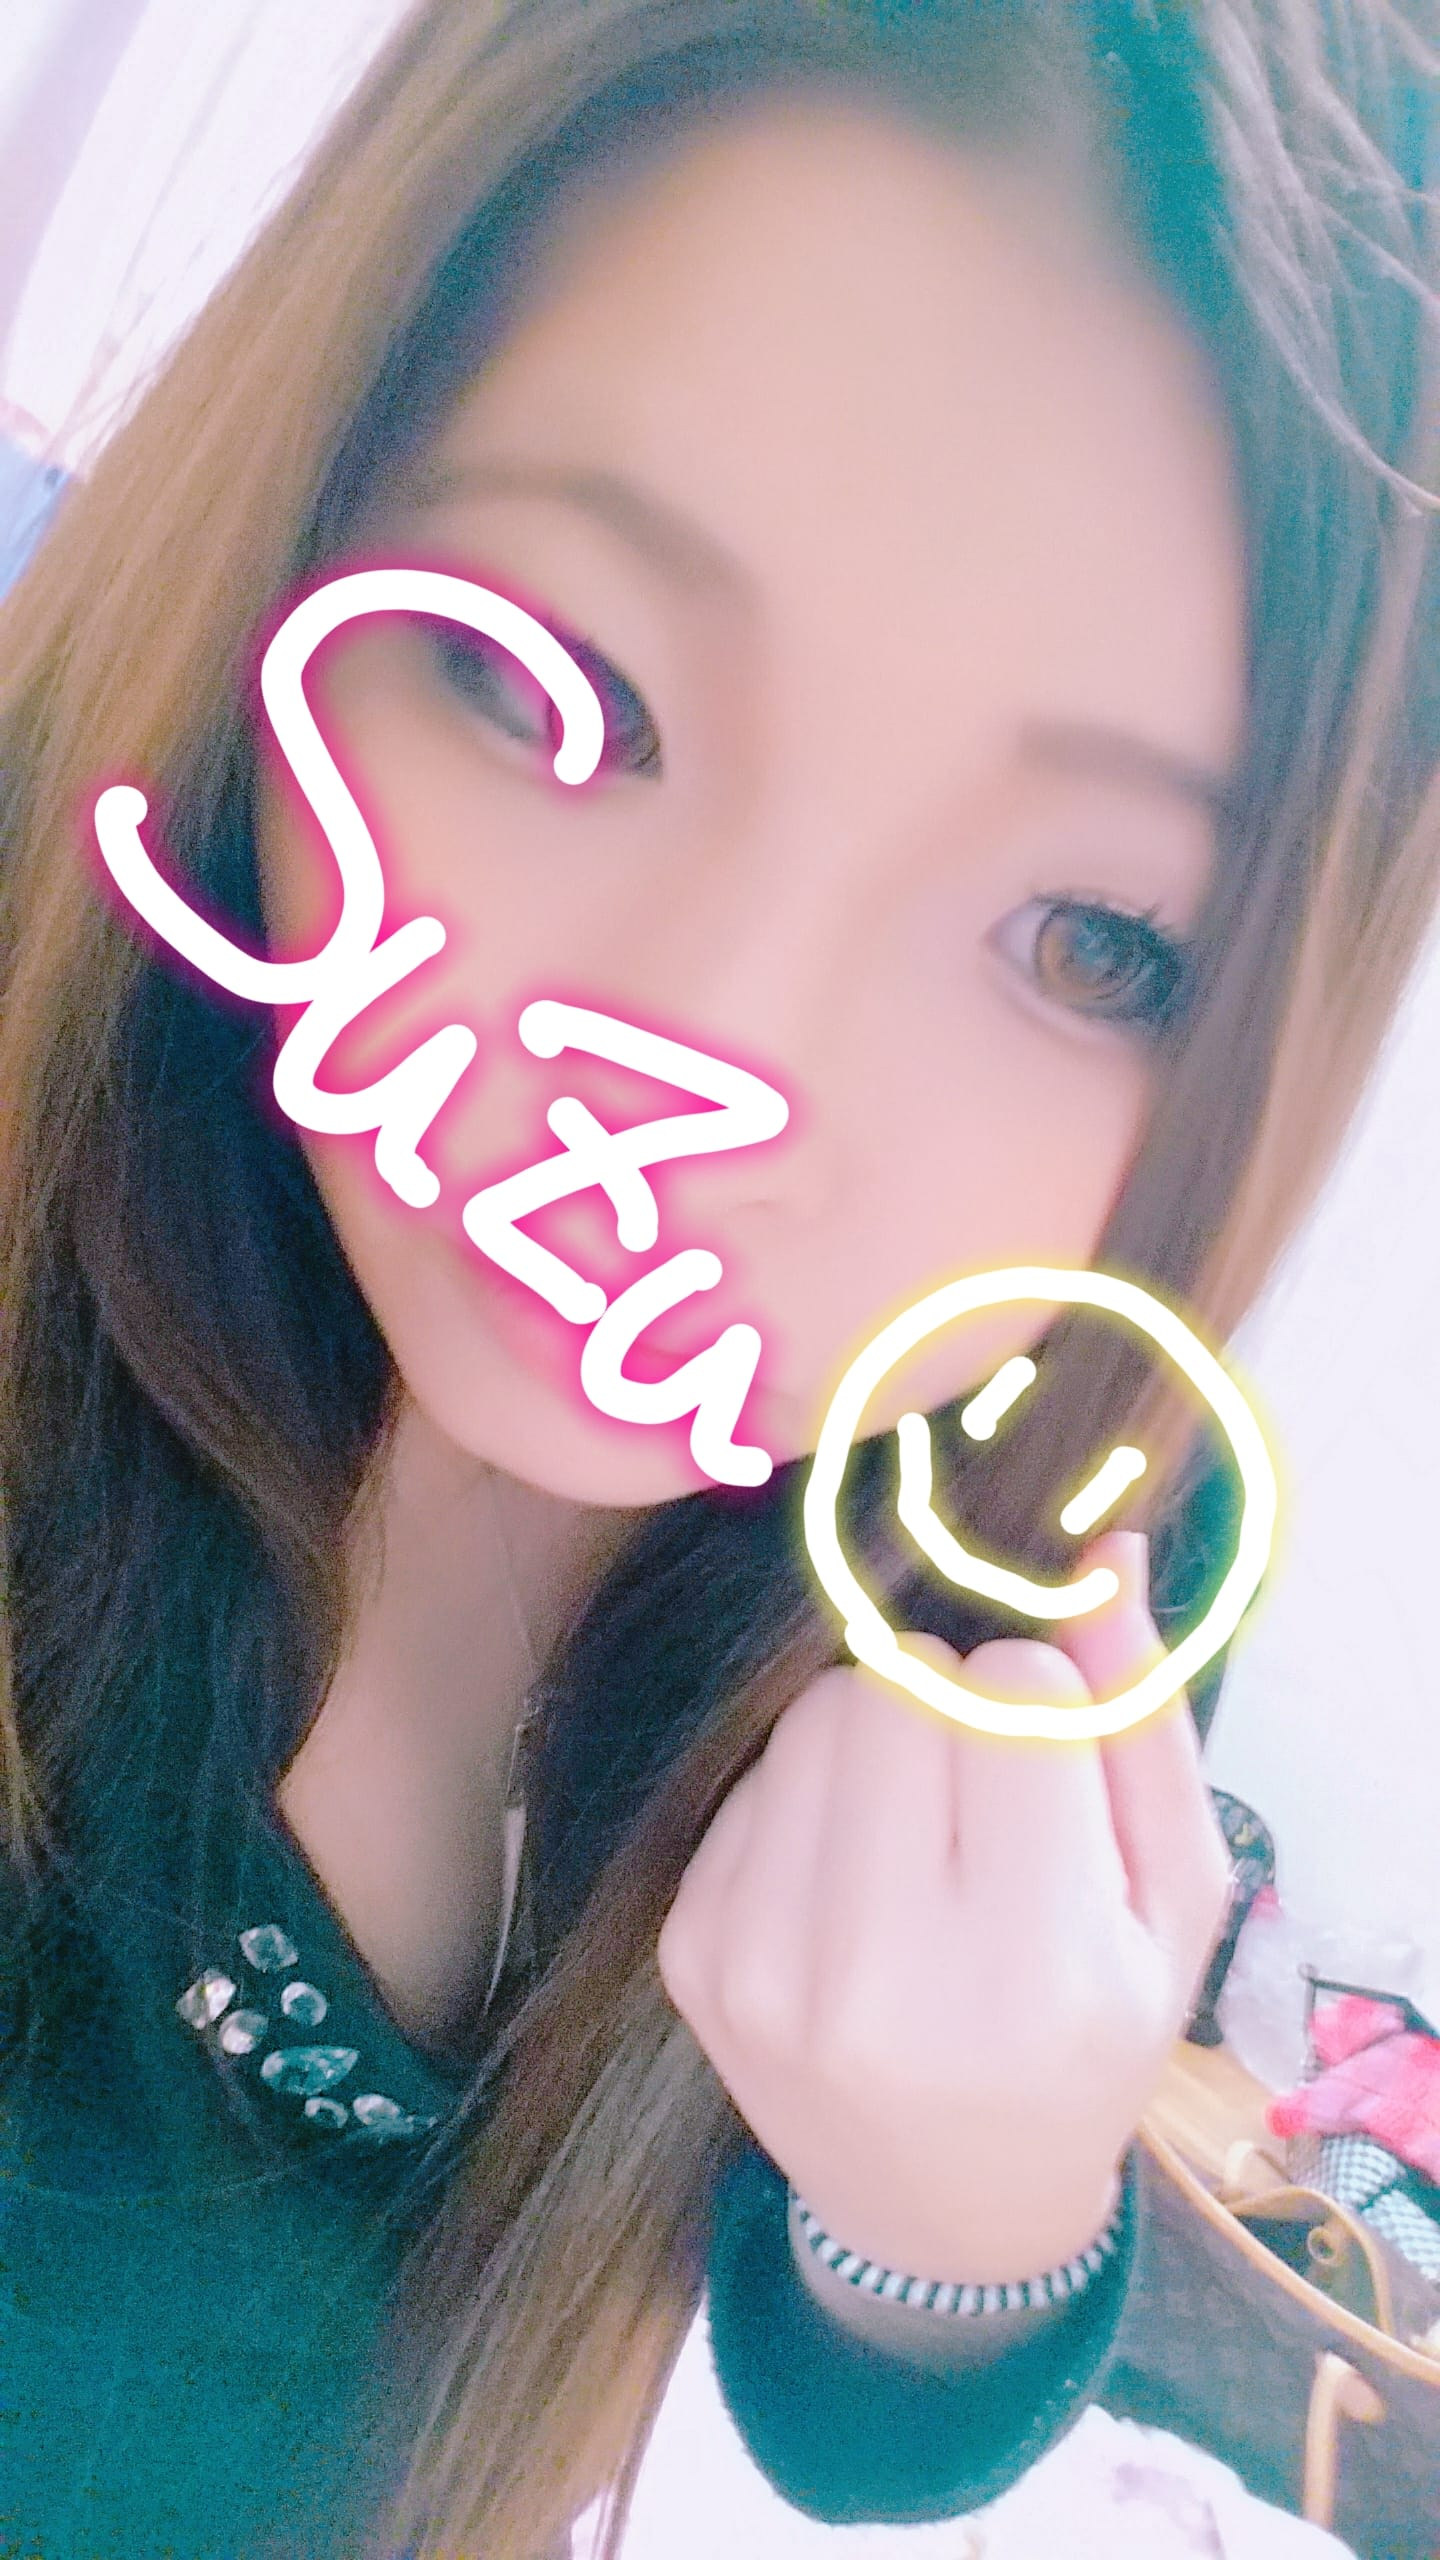 すず☆☆☆☆「おわり@台風消えた」09/18(月) 01:32   すず☆☆☆☆の写メ・風俗動画